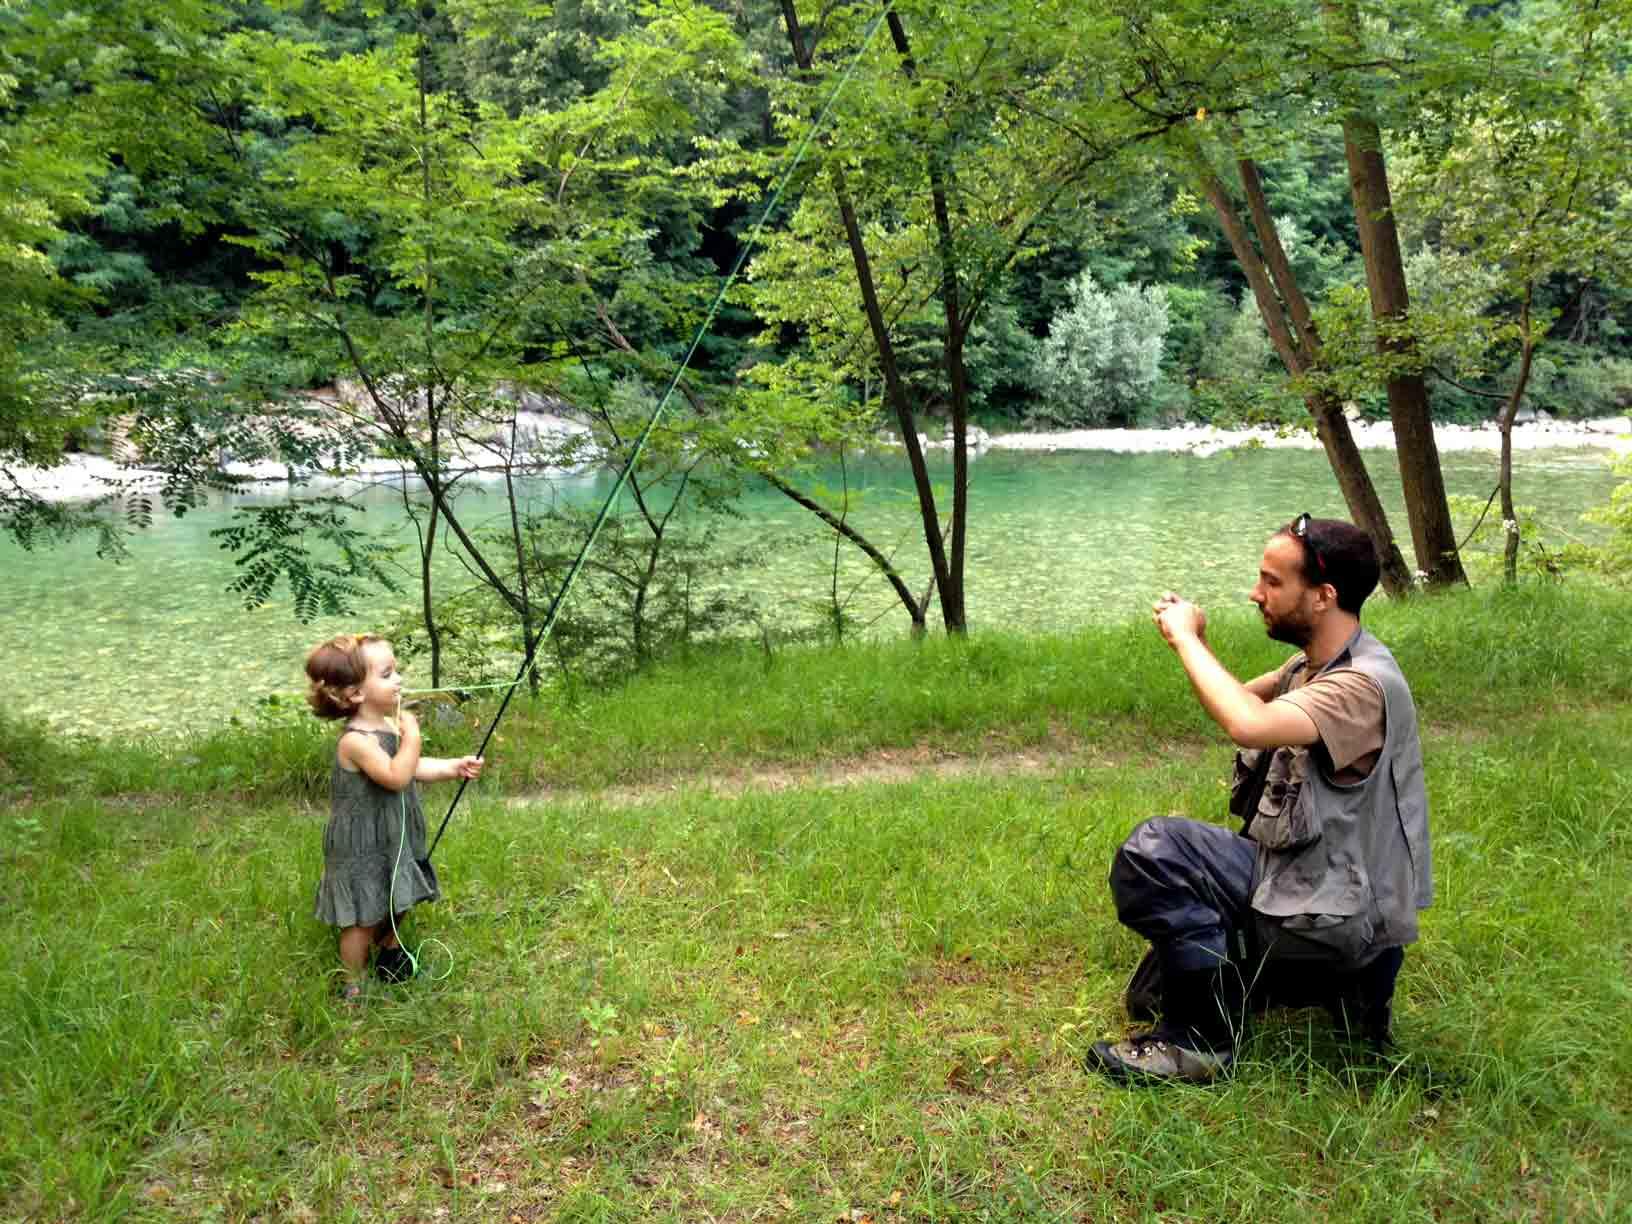 Momento di orgoglio paterno sul fiume Sesia